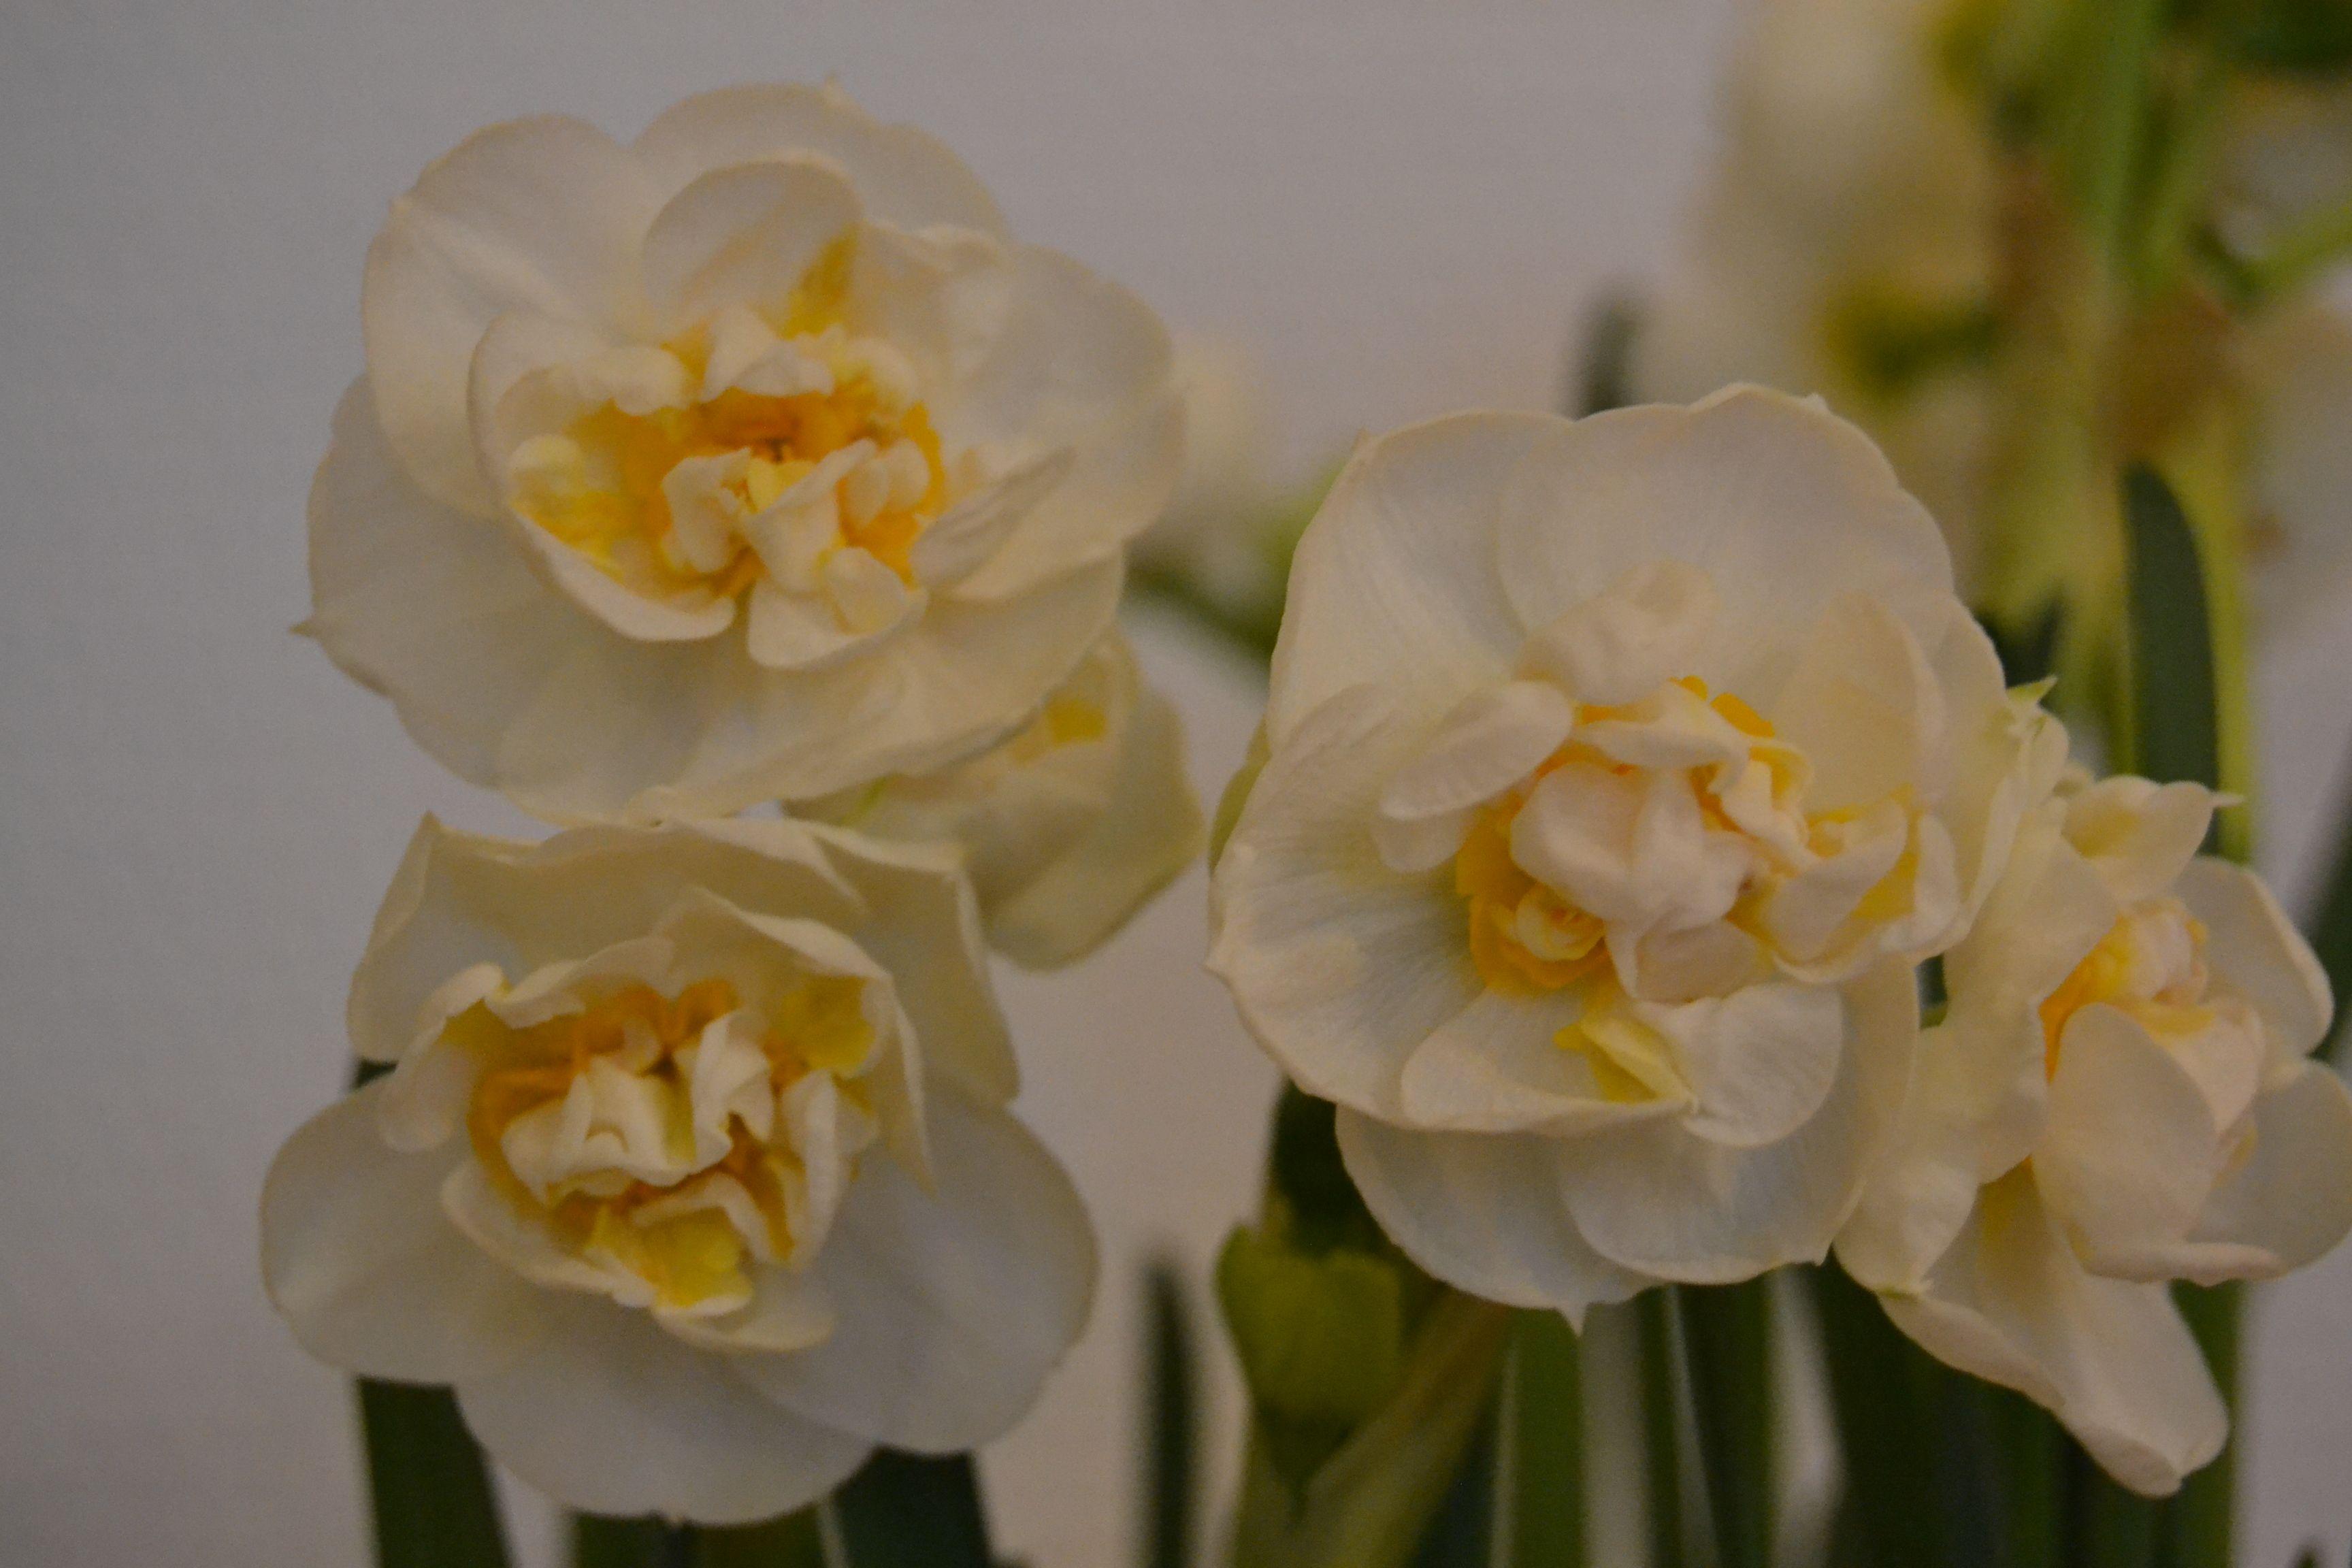 Kevät on ihanaa aikaa...kukat <3